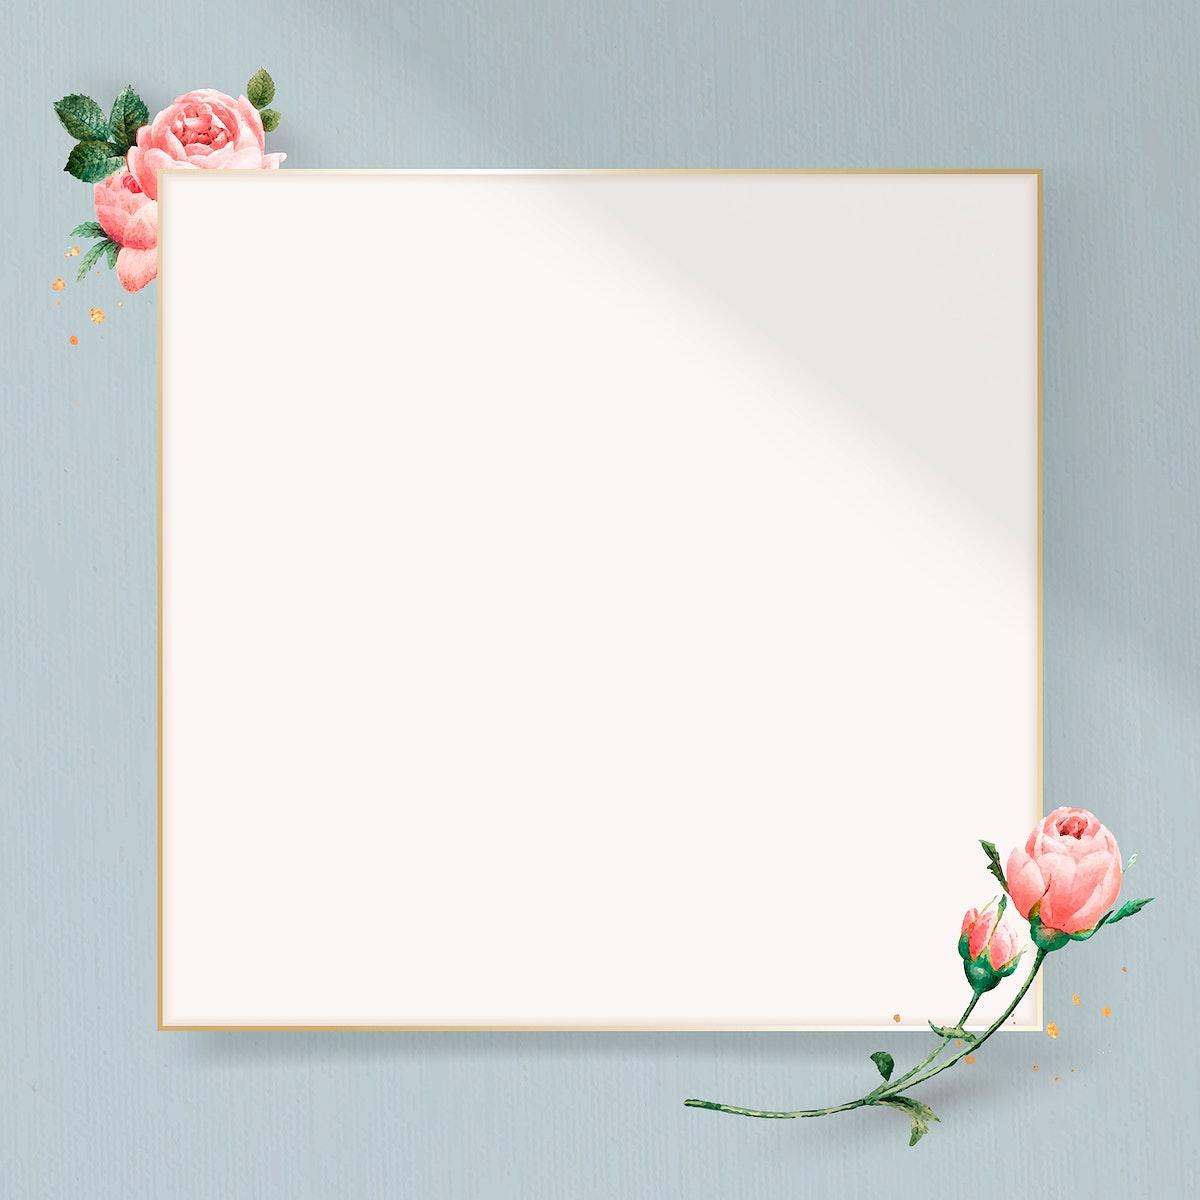 Floral square golden frame vector